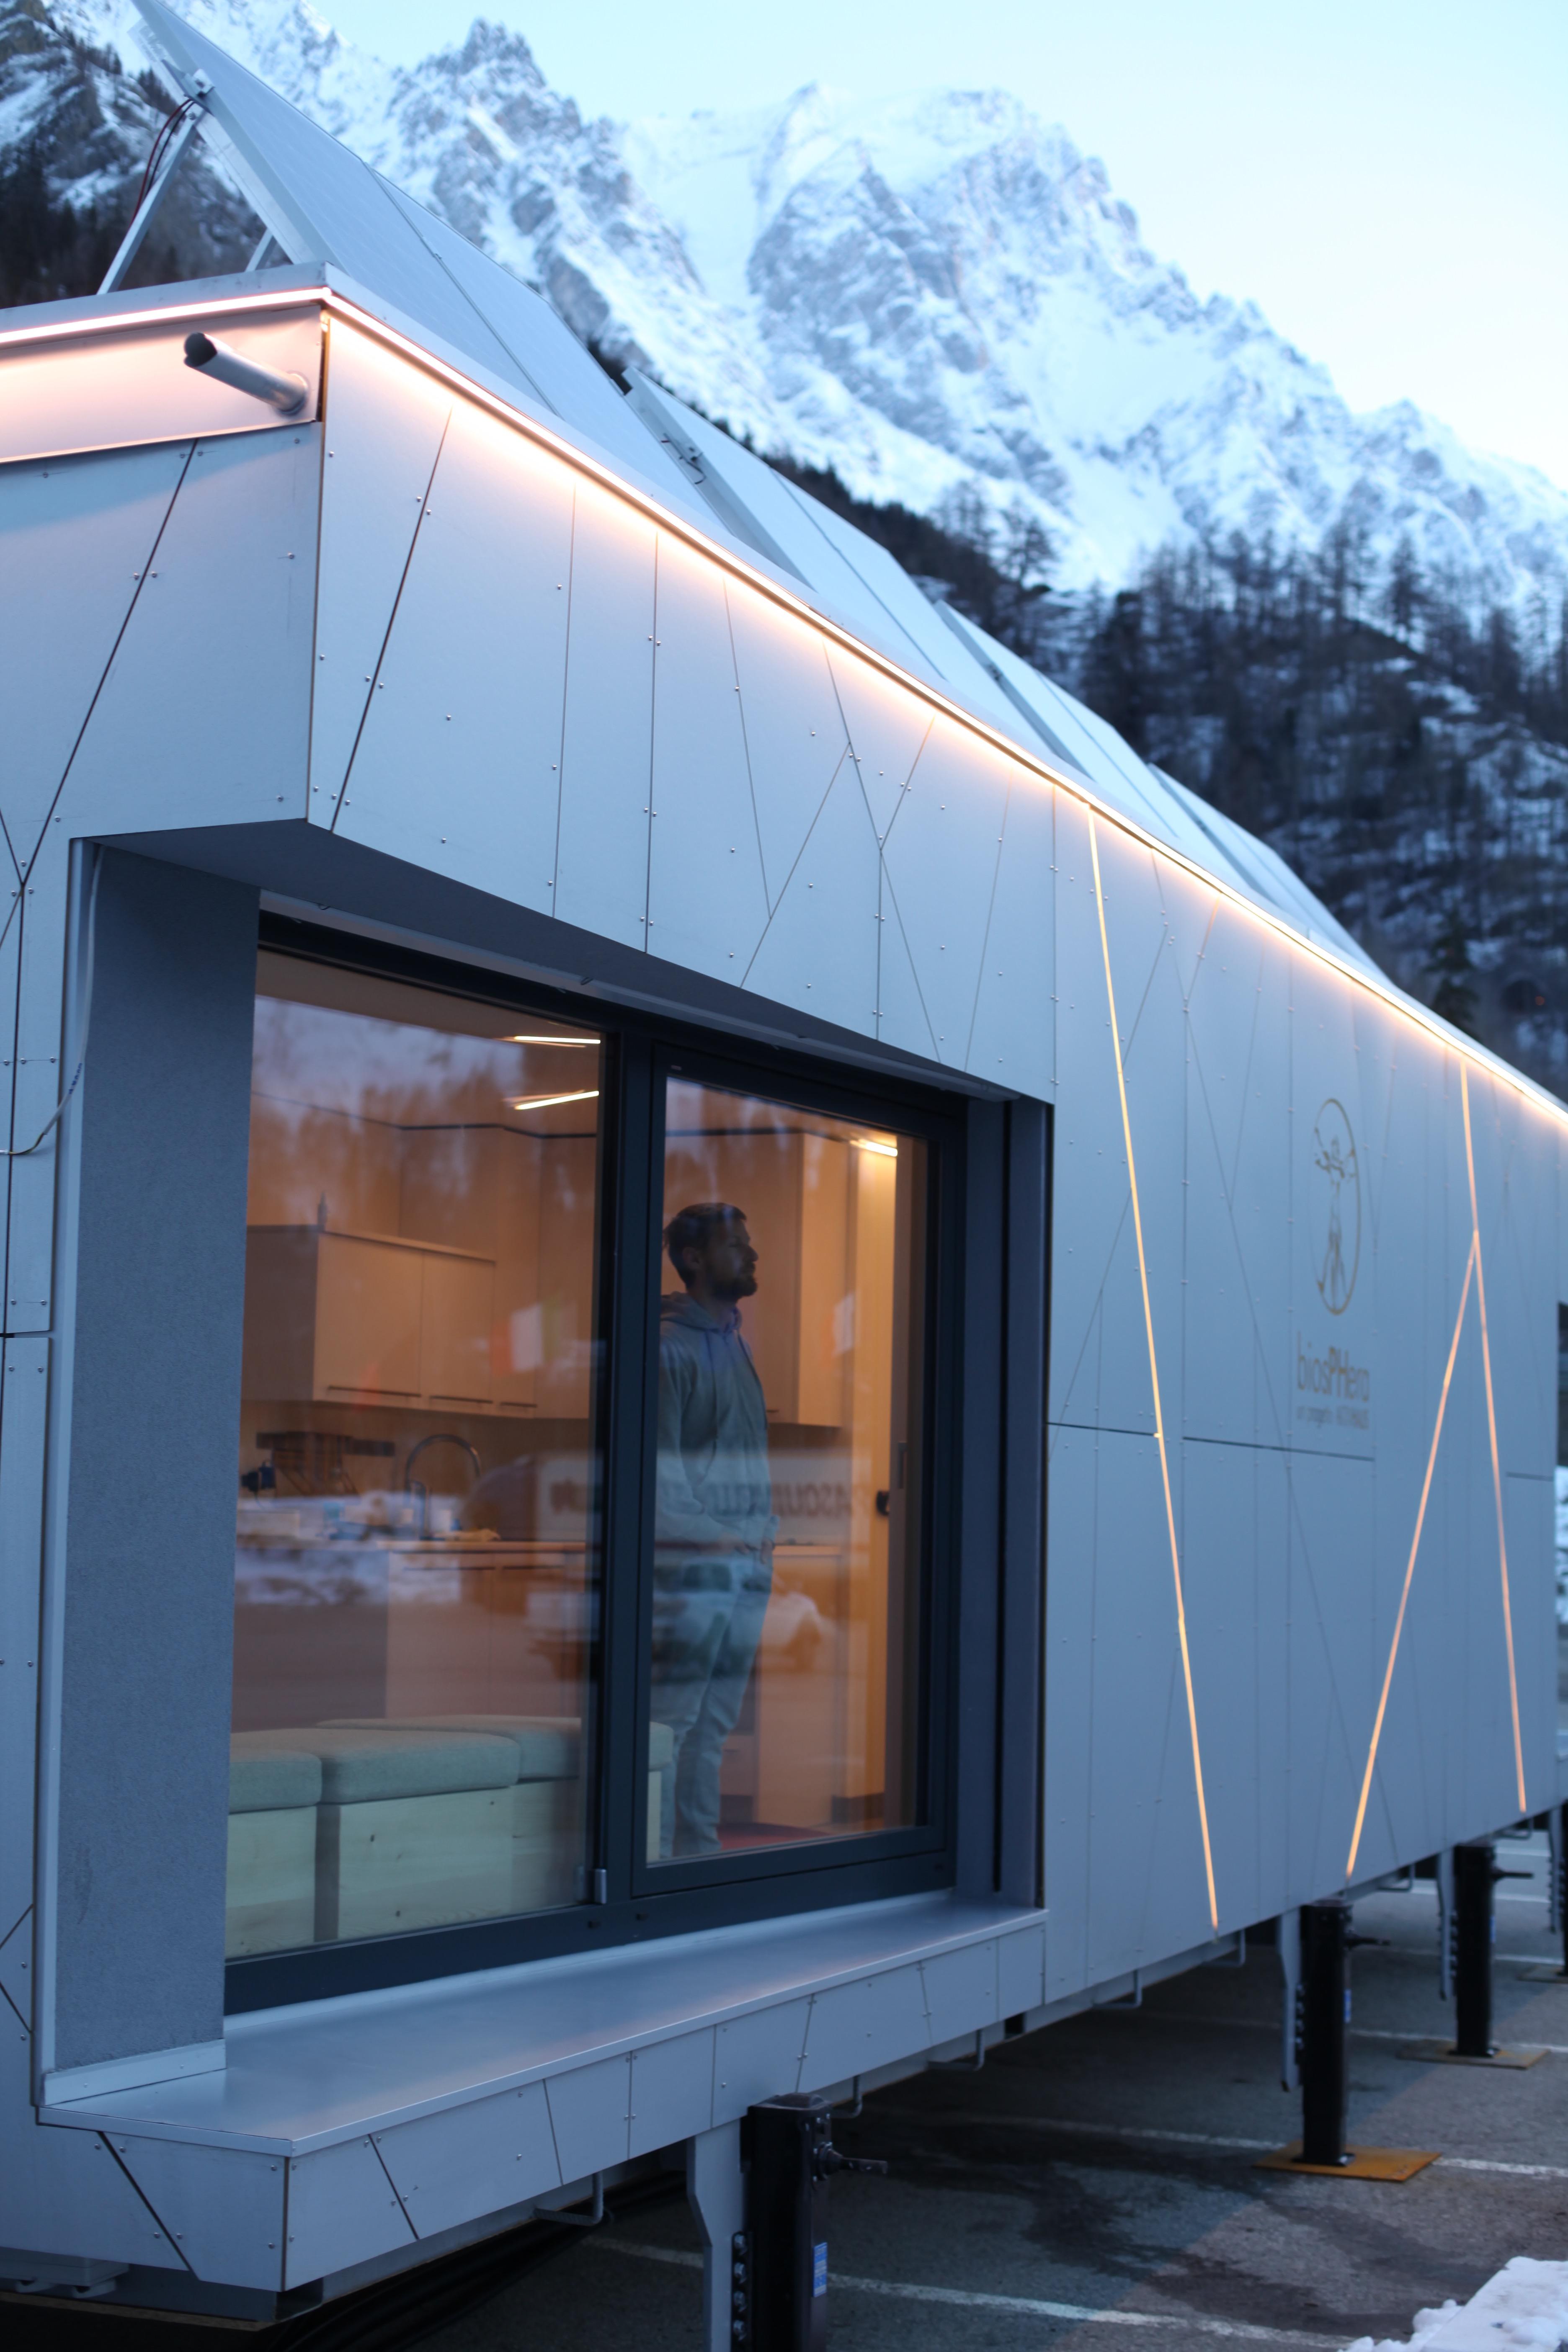 Il modulo abitativo futuristico Biosphera 2.0 / Biosphera 2.0